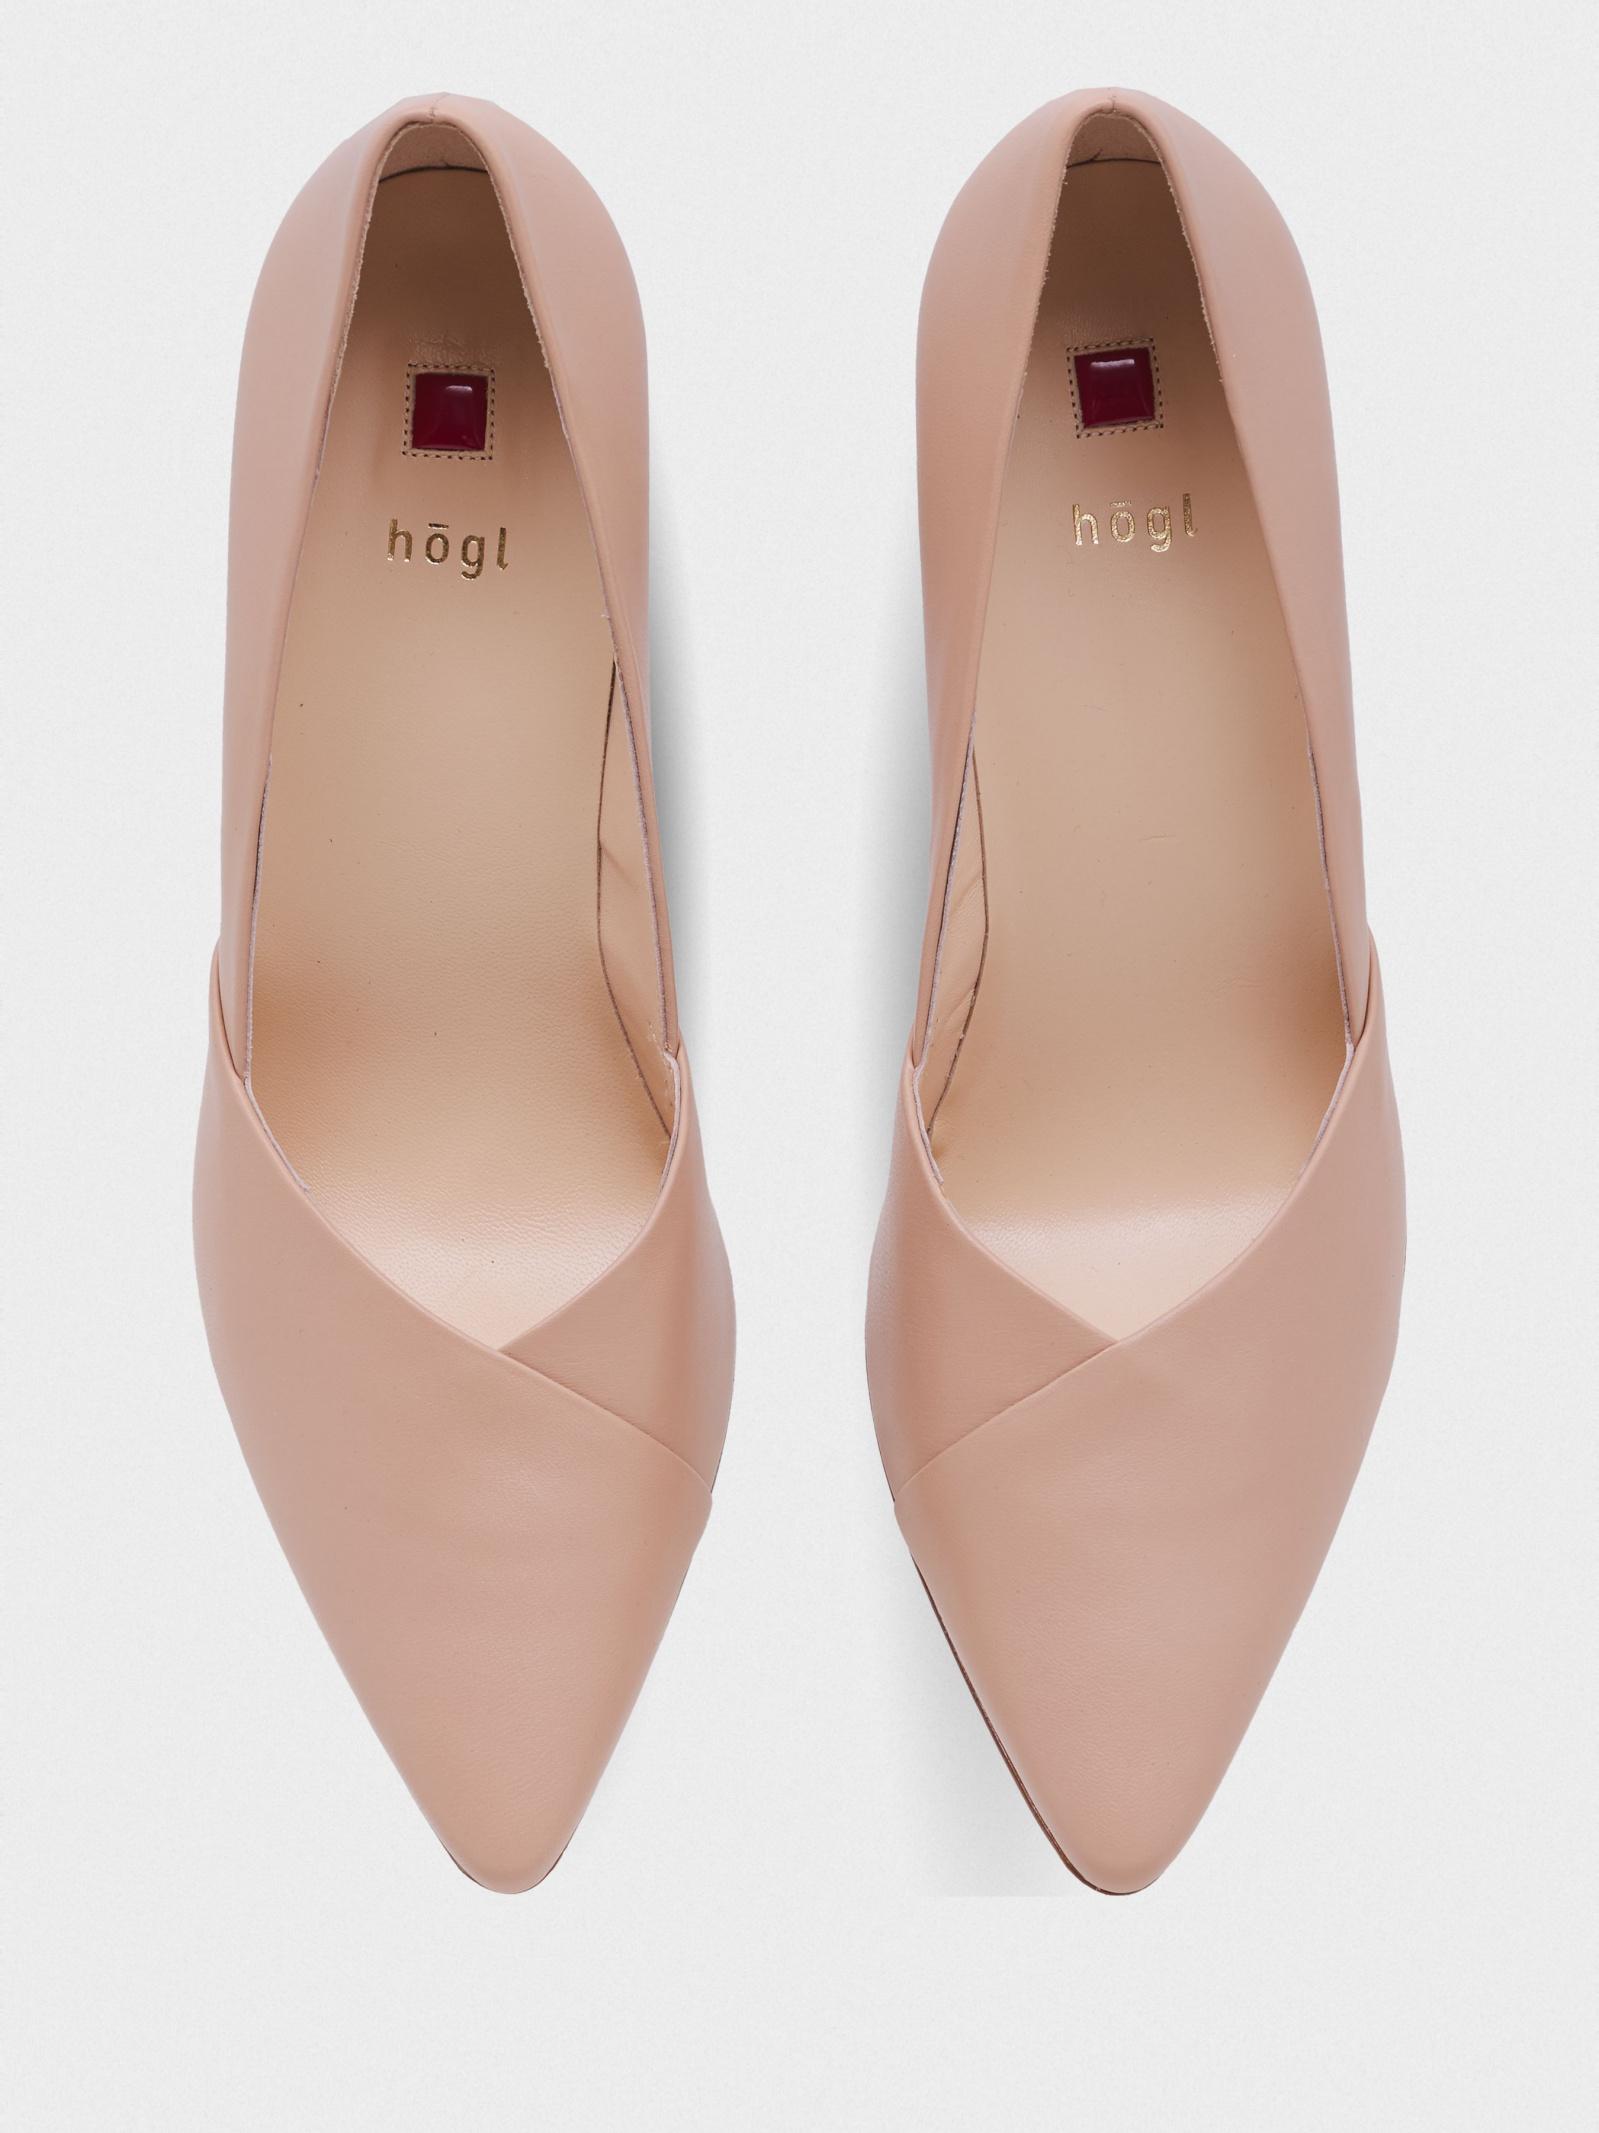 Туфлі  для жінок Hogl 9-107500-1800 модне взуття, 2017